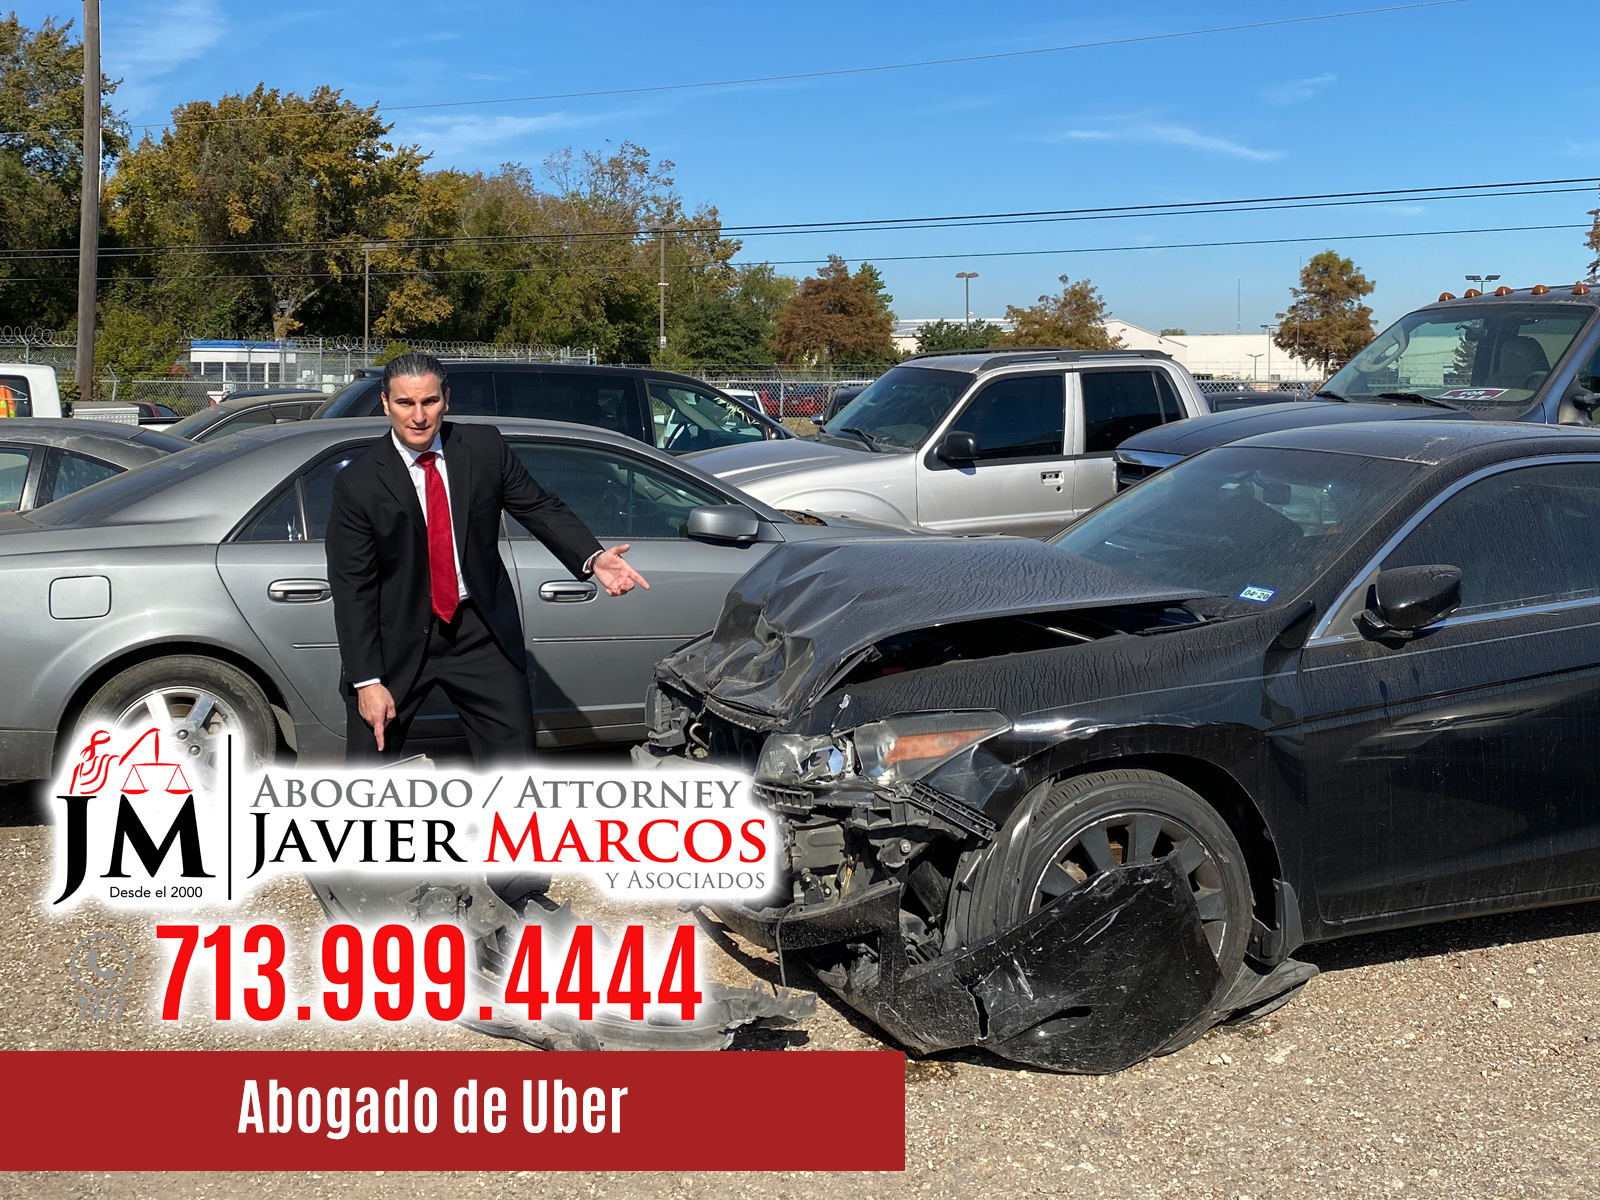 abogado de uber